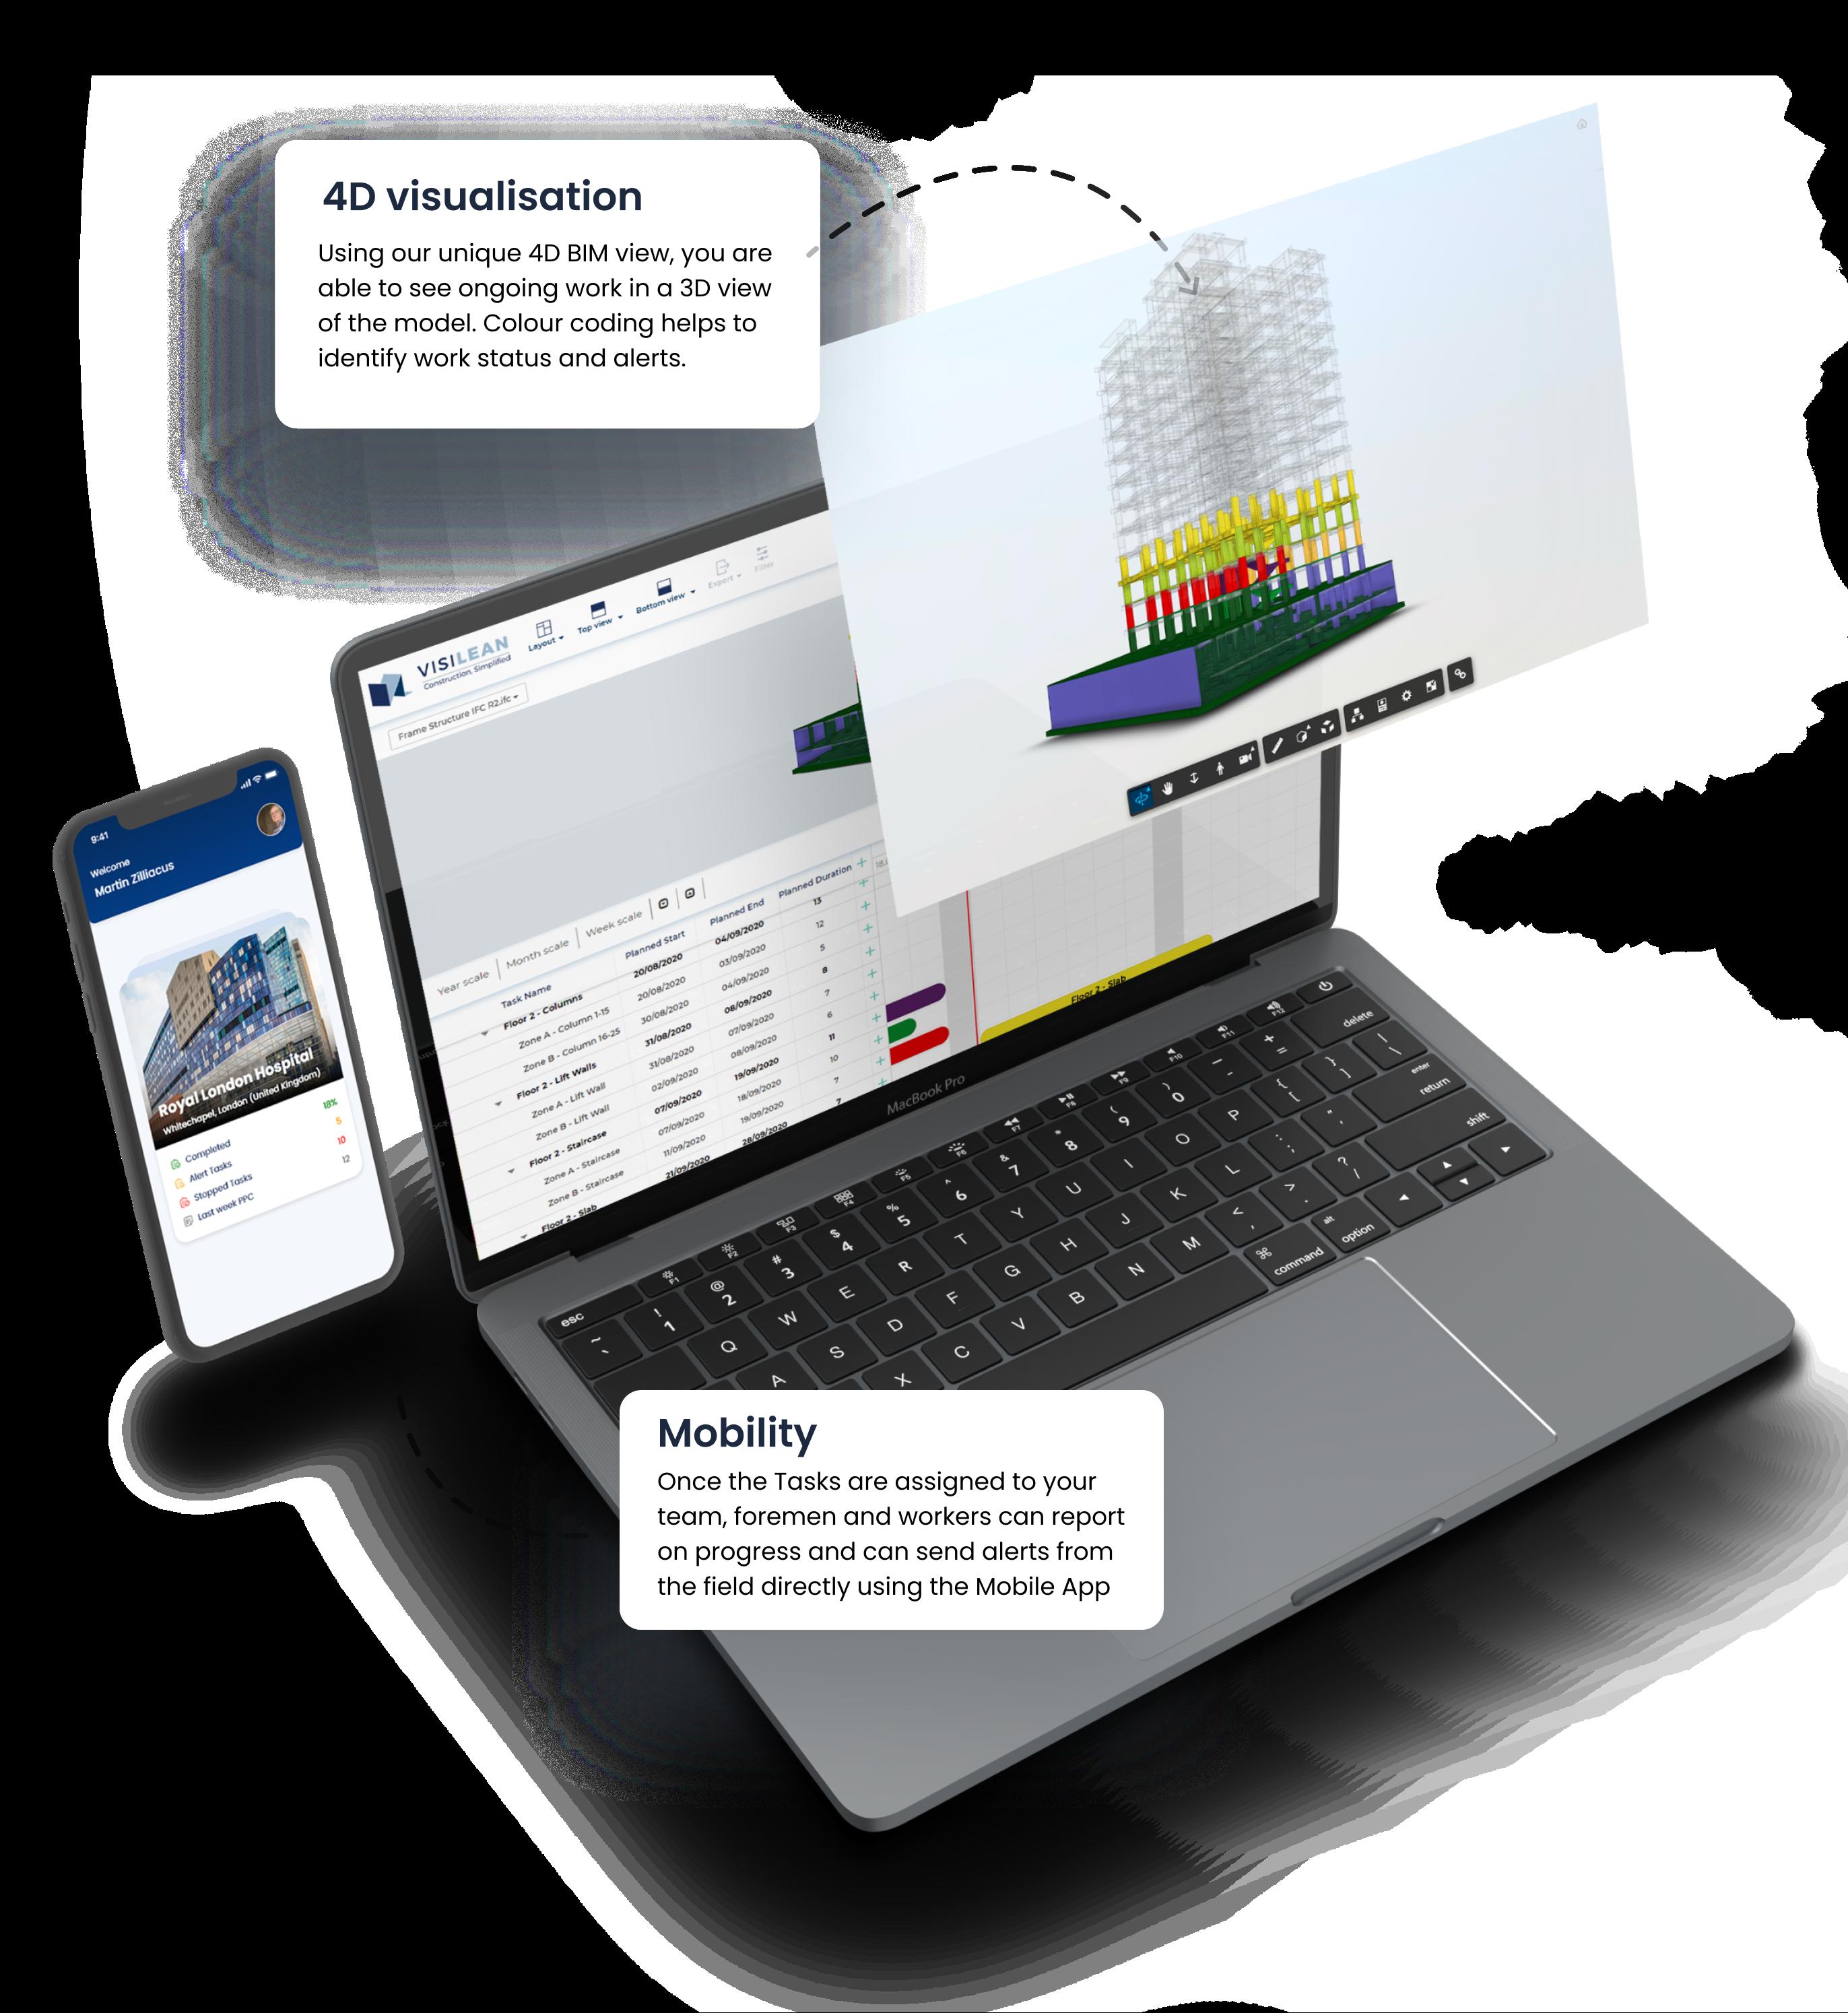 VisiLean Software - 3